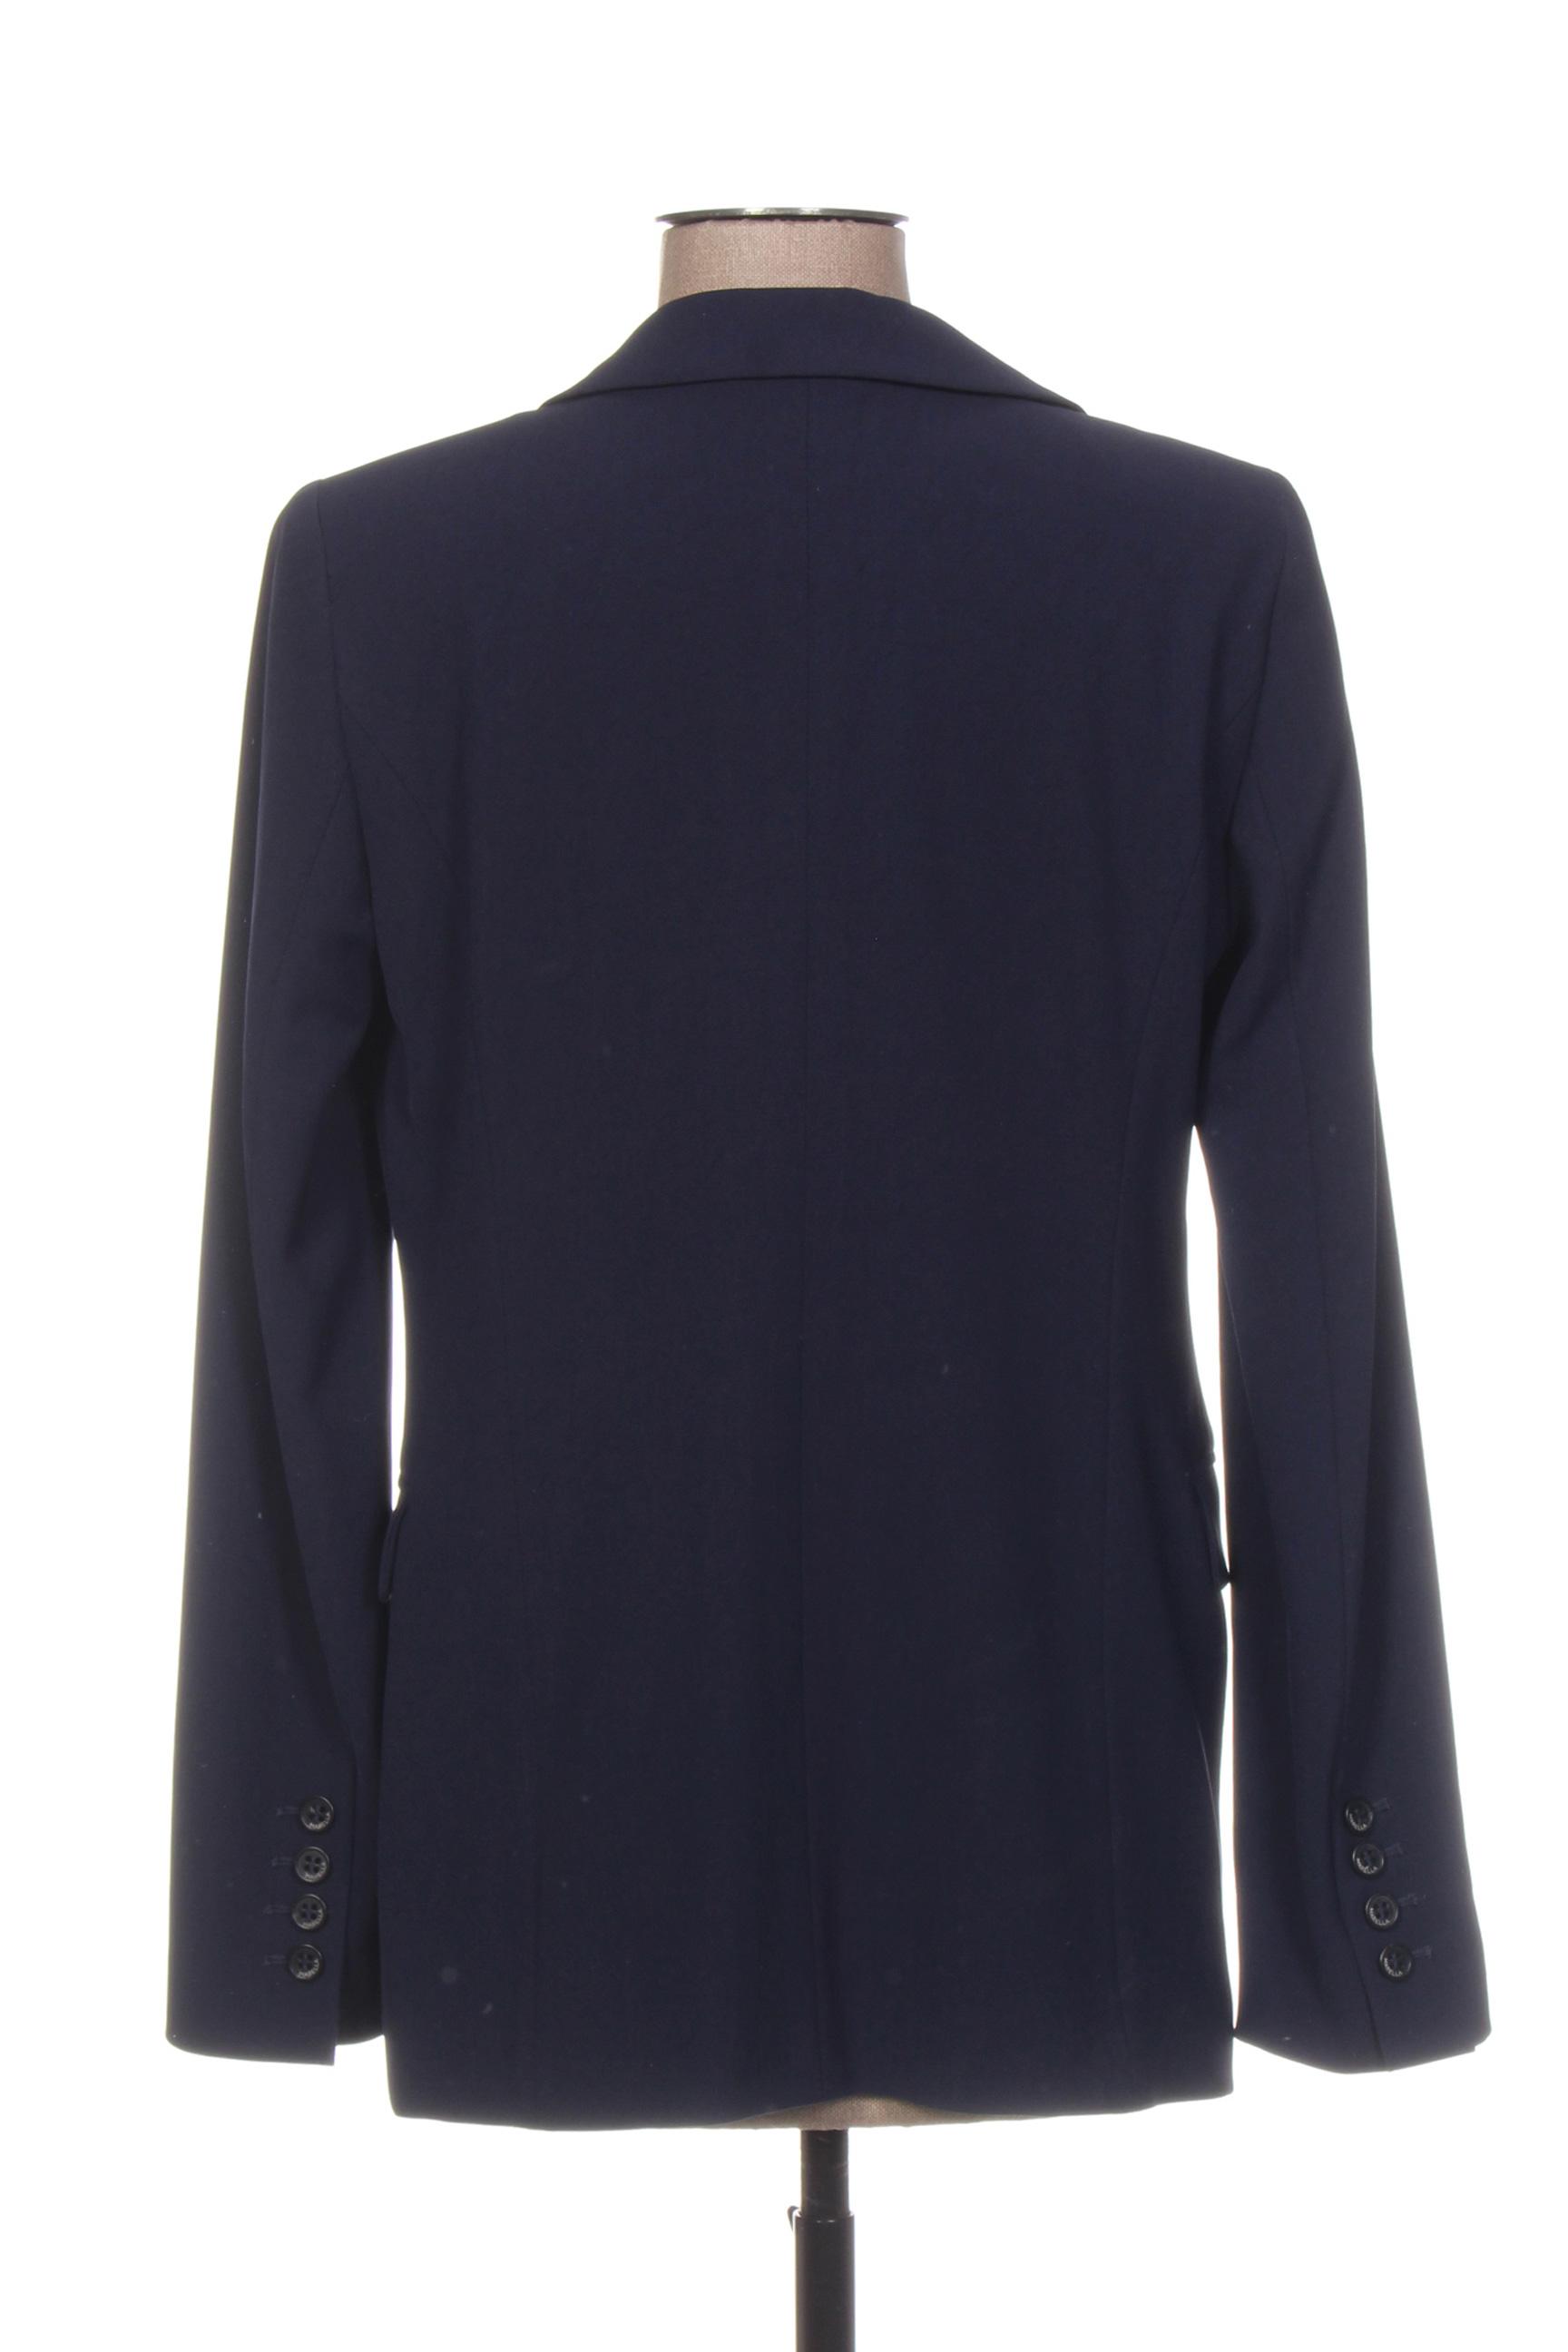 Marella Vestechic Femme De Couleur Bleu En Soldes Pas Cher 1288979-bleu00